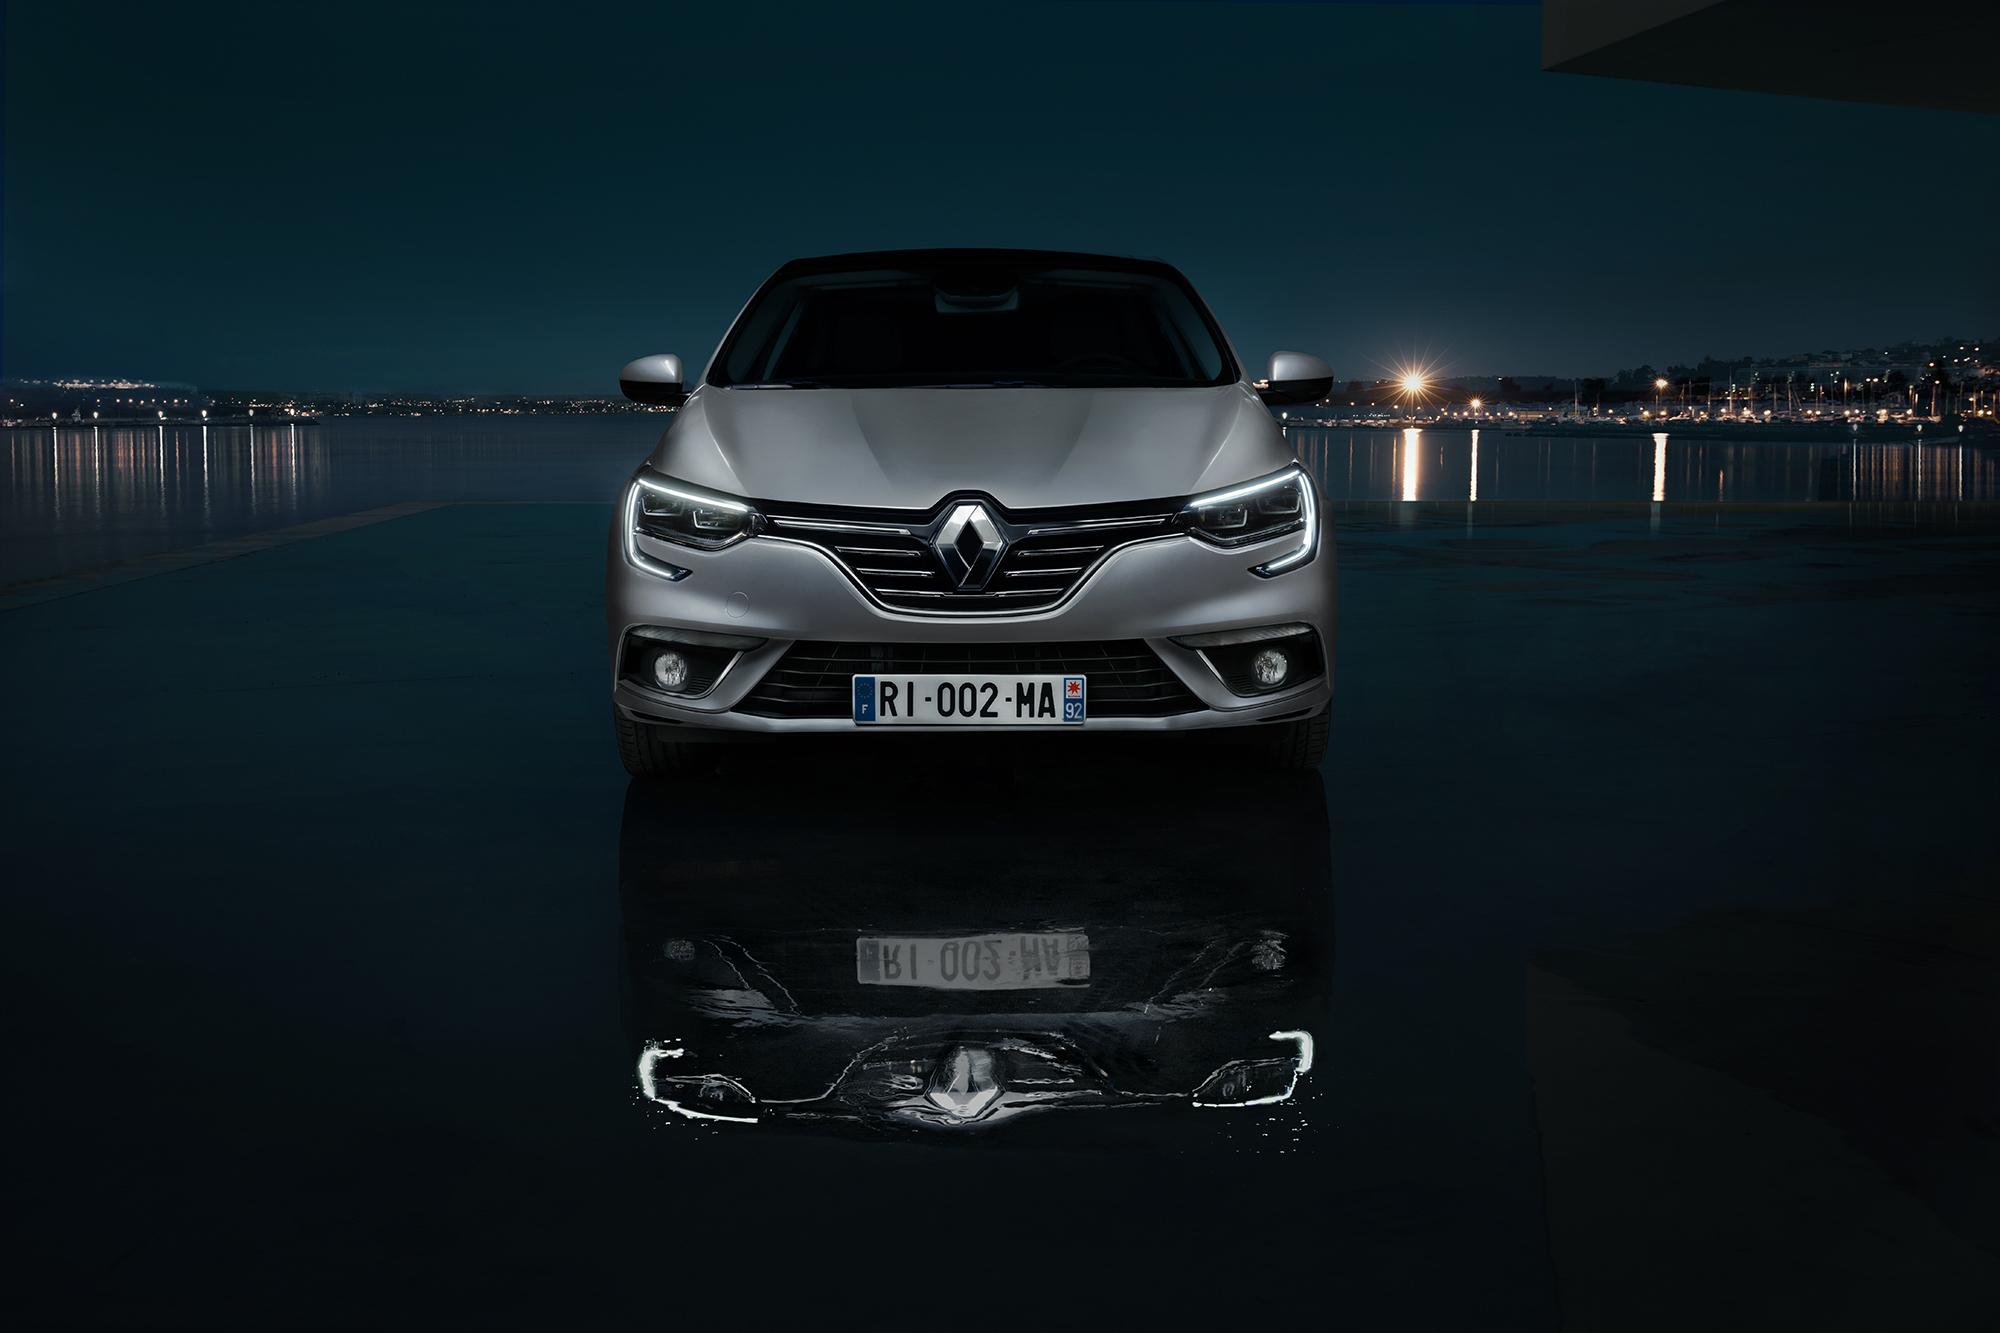 Renault_Megane_Lights_Front_01_WHT_PRESS_SML.jpg